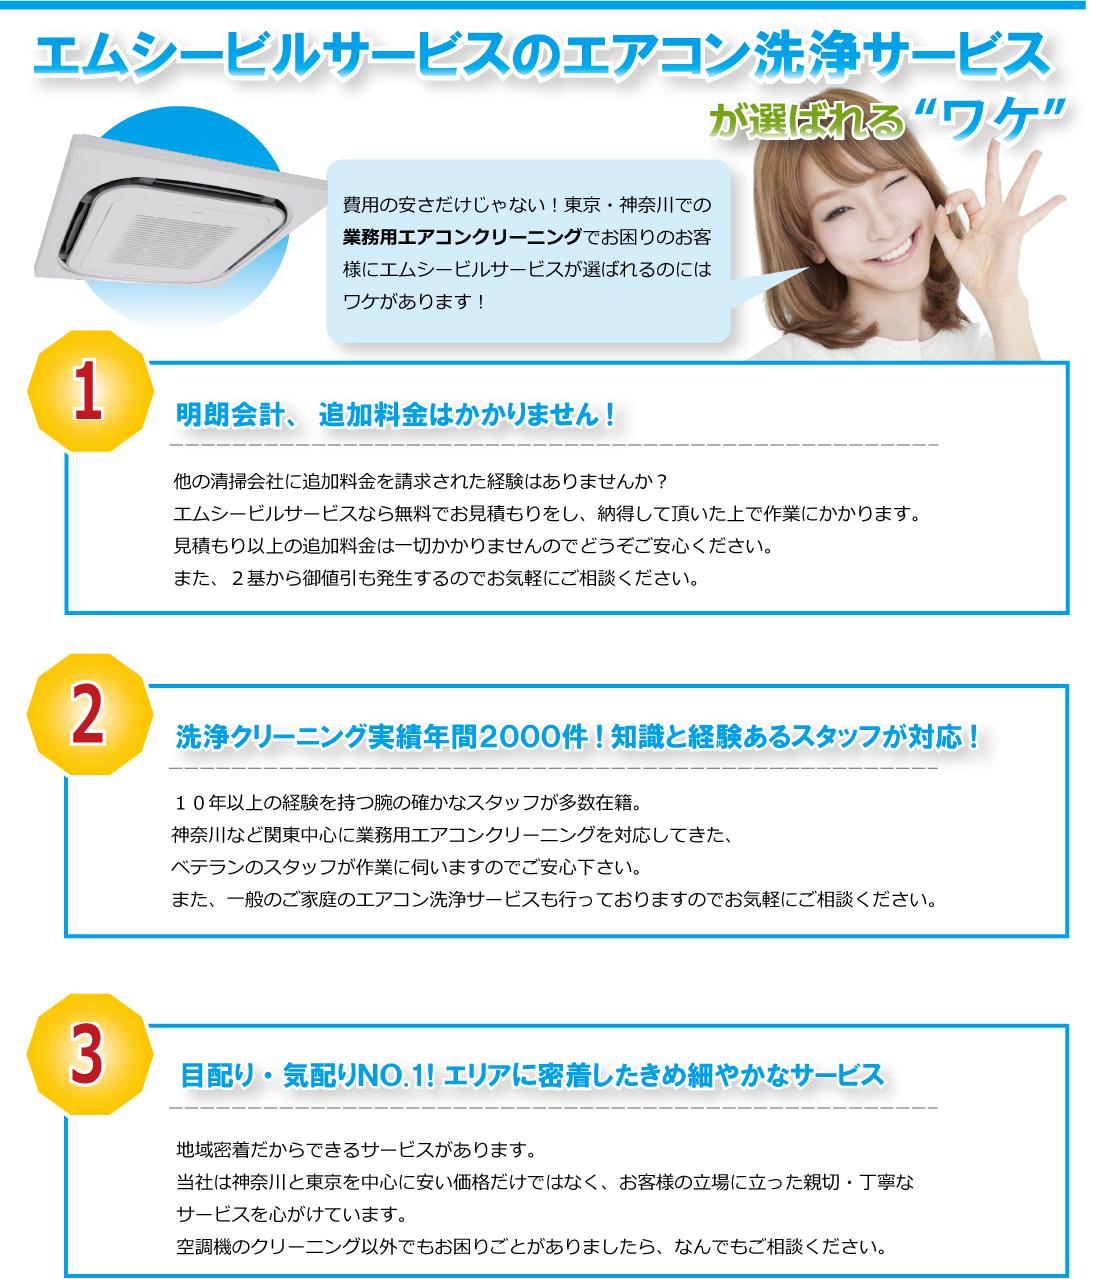 エムシービルサービスのエアコン洗浄サービスが選ばれるワケ。明朗会計、追加料金は掛かりません。洗浄クリーニング実績年間2000件!知識と経験あるスタッフが対応!神奈川・東京と地域密着したきめ細やかなサービス